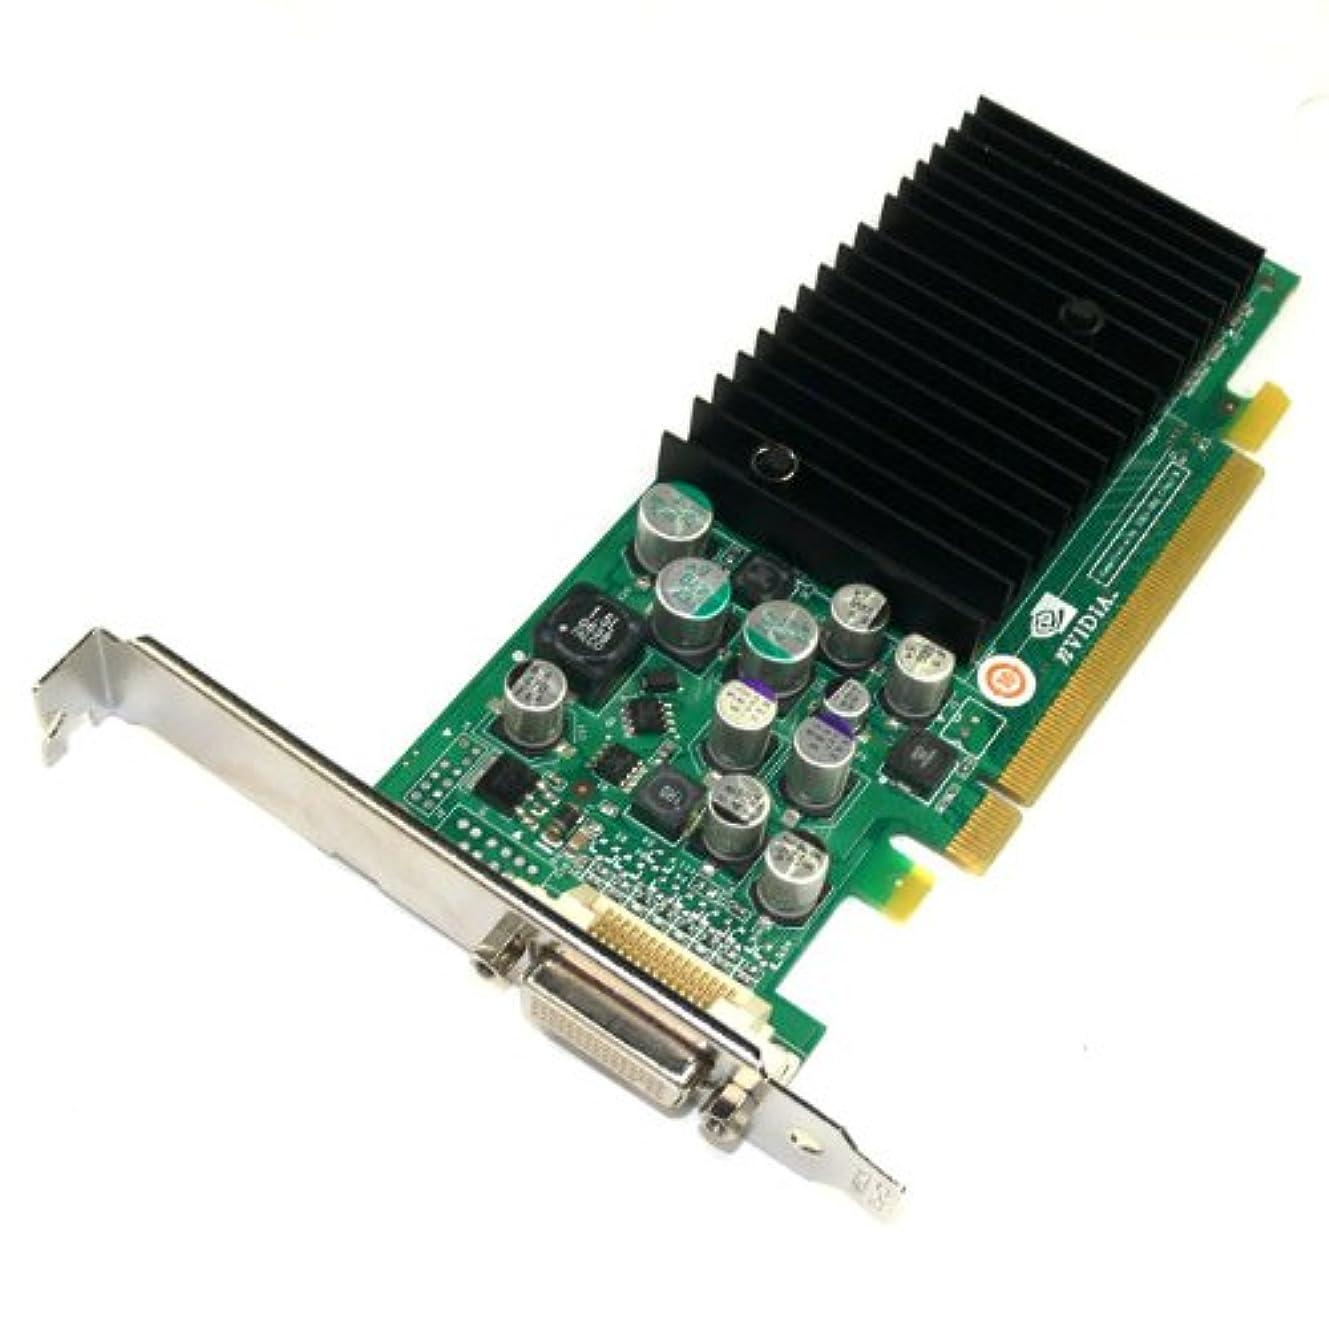 部分色合い謎Dell / NVIDIA x8702 Quadro nvs285ビデオグラフィックス高プロファイルPCI - Eカード, Includes a DMS - 59 to Dual DVIスプリッタケーブル、64 MB最大320 MB Via共有メモリwith TurboCache